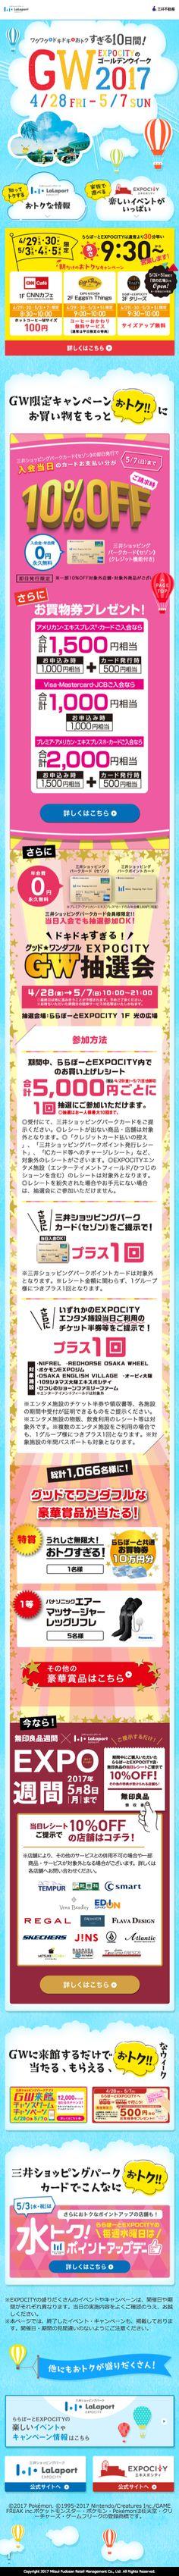 ららぽーとEXPOCITY EXPOCITY のゴールデンウィーク2017